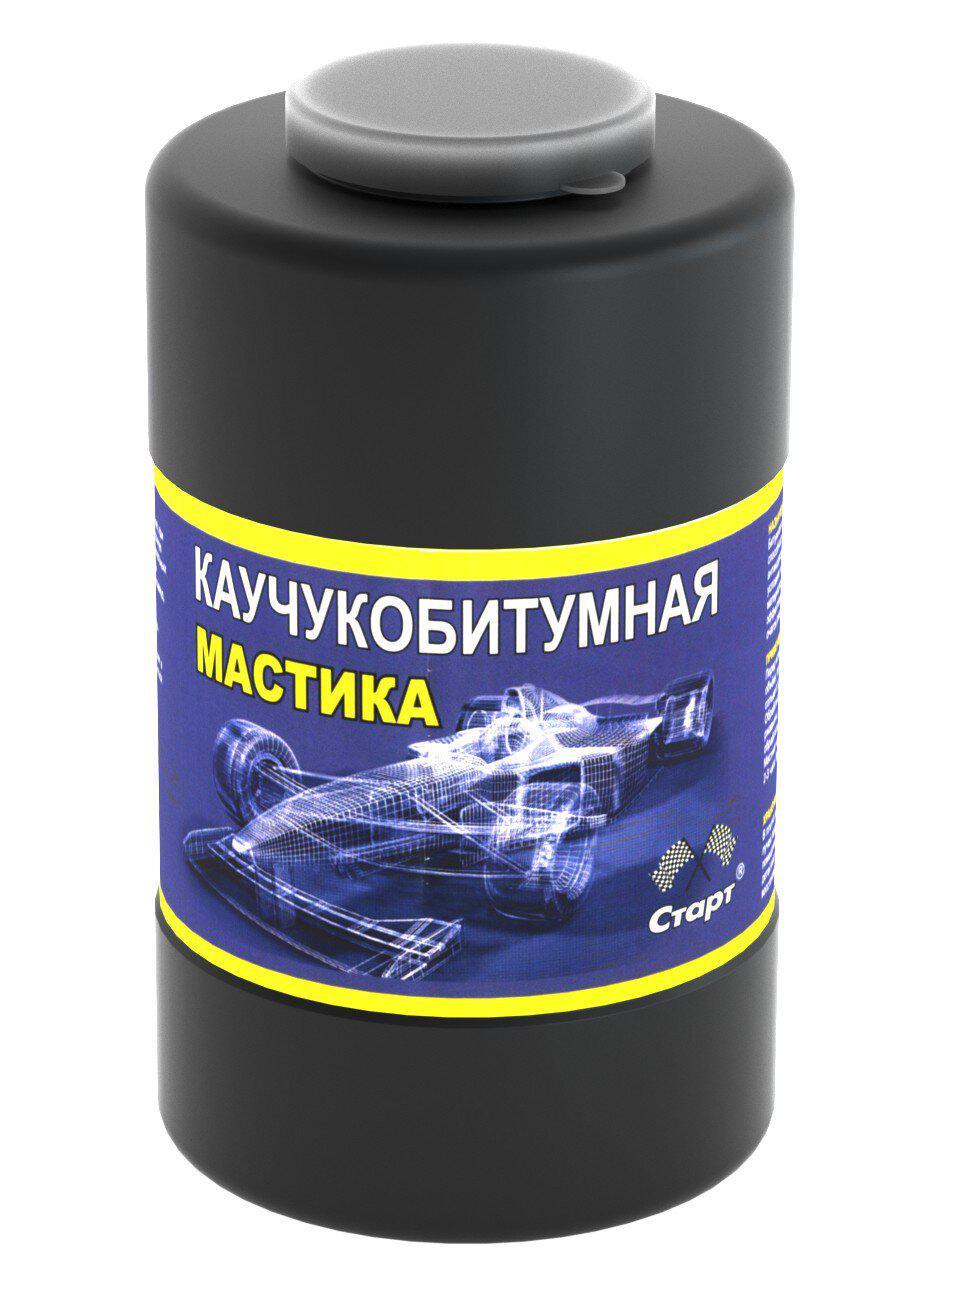 Мастика СТАРТ 2047 кондитерская мастика купить в днепропетровске